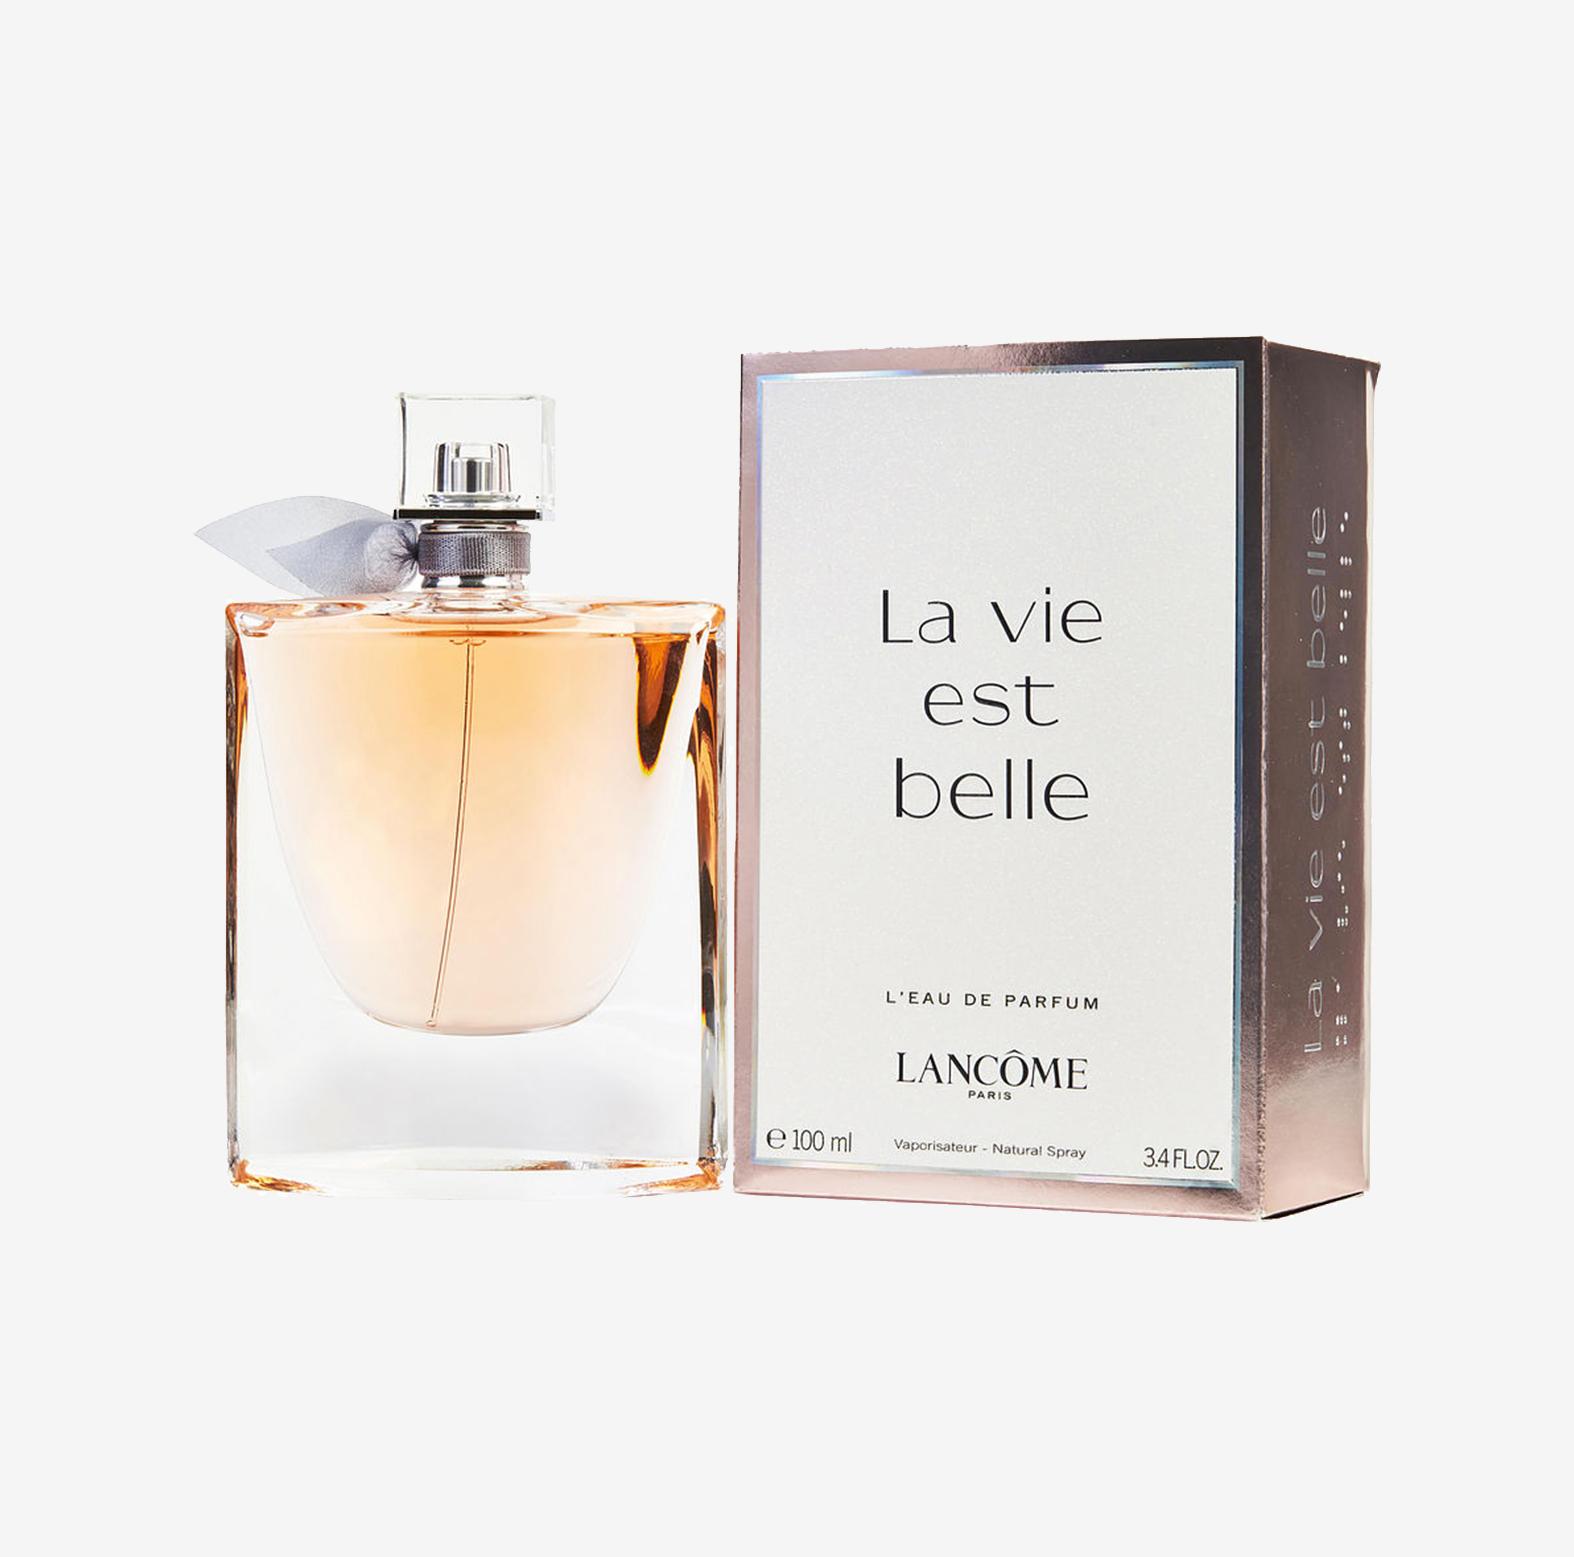 La Vie Est Belle, Lancome